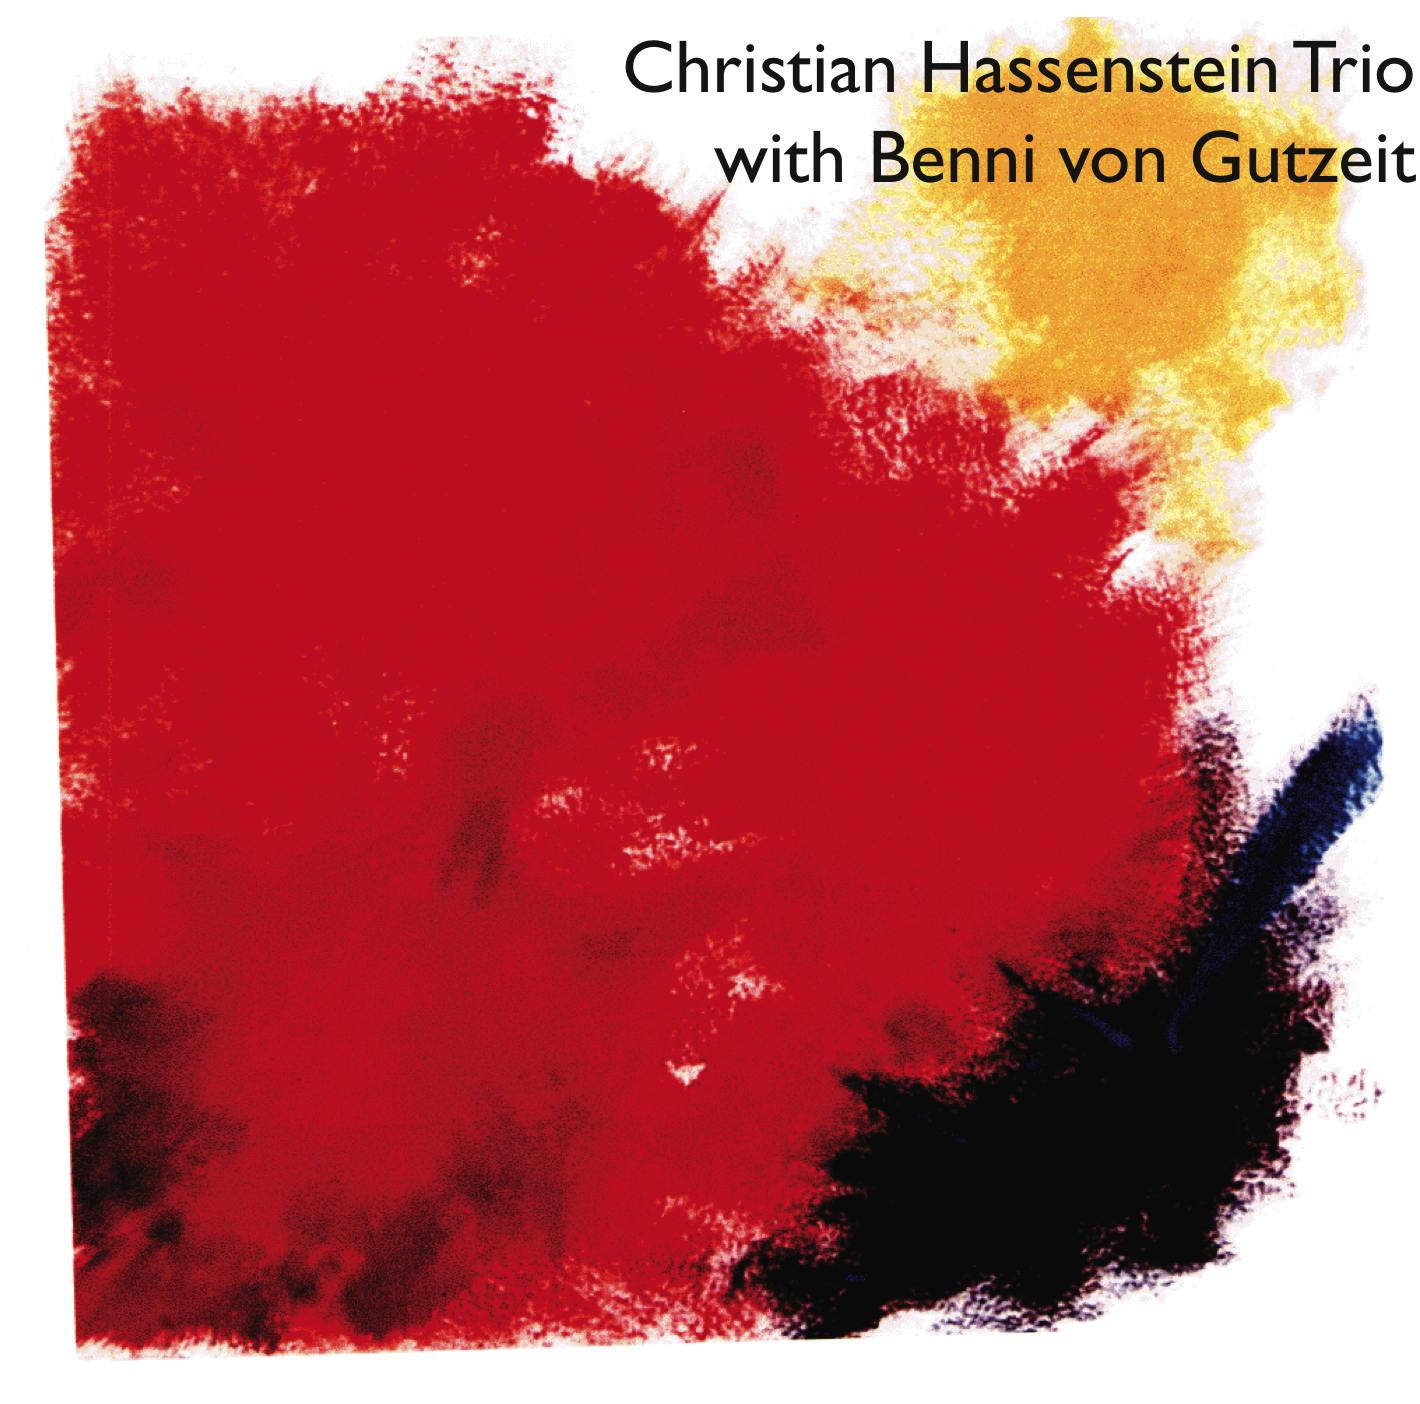 cover_CH3gutzeit